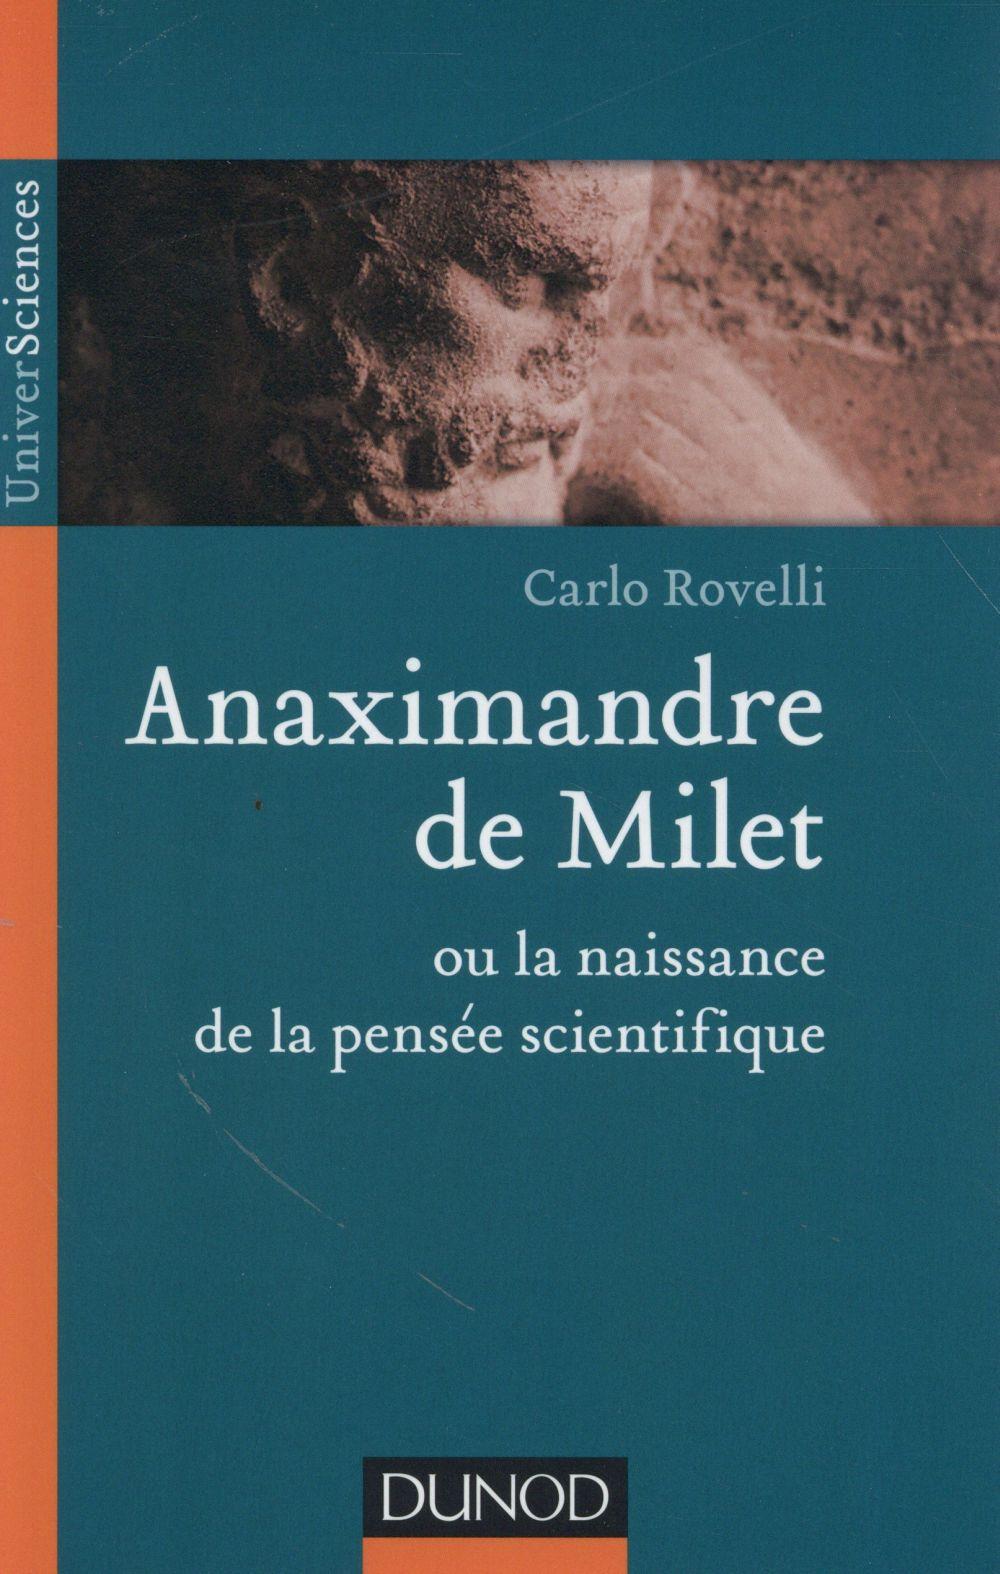 ANAXIMANDRE DE MILET OU LA NAISSANCE DE LA PENSEE SCIENTIFIQUE